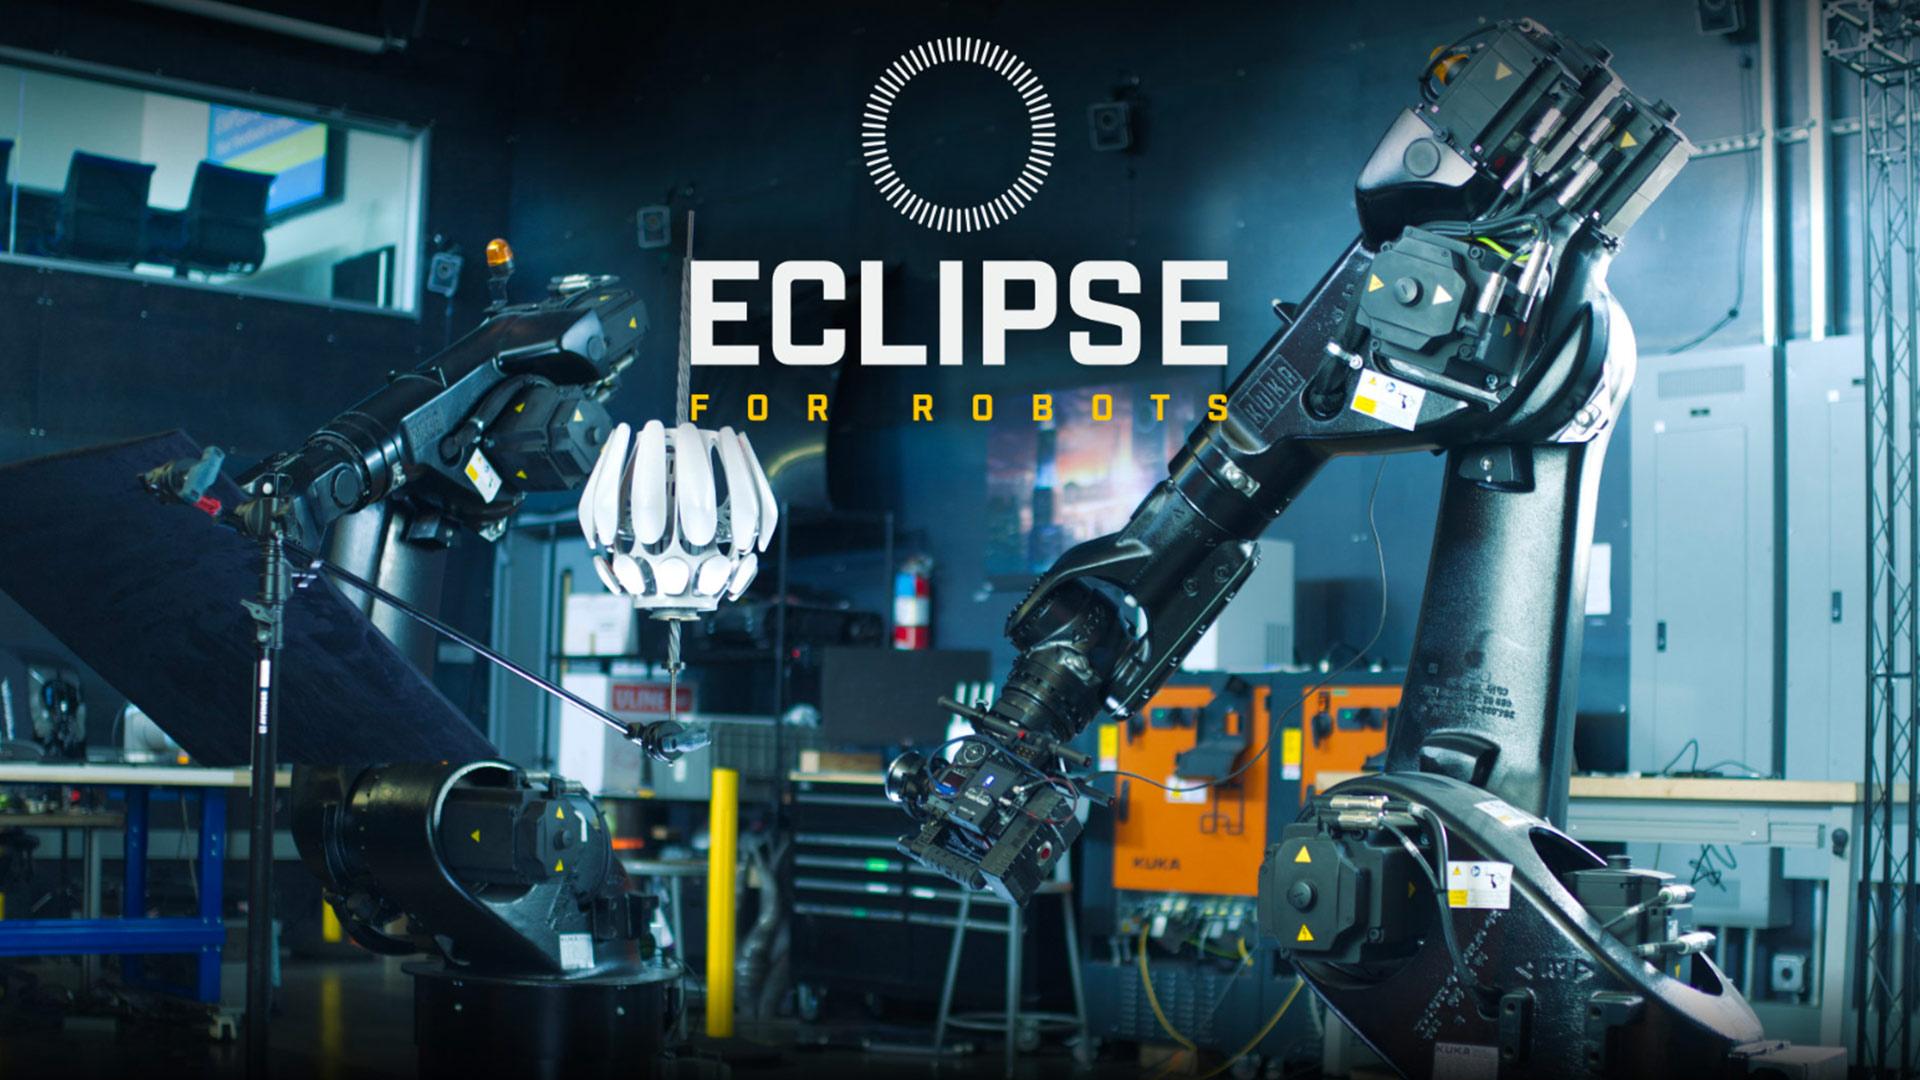 Redrock Micro Eclipse For Robots con Sistema FIZ (foco, iris, zoom)